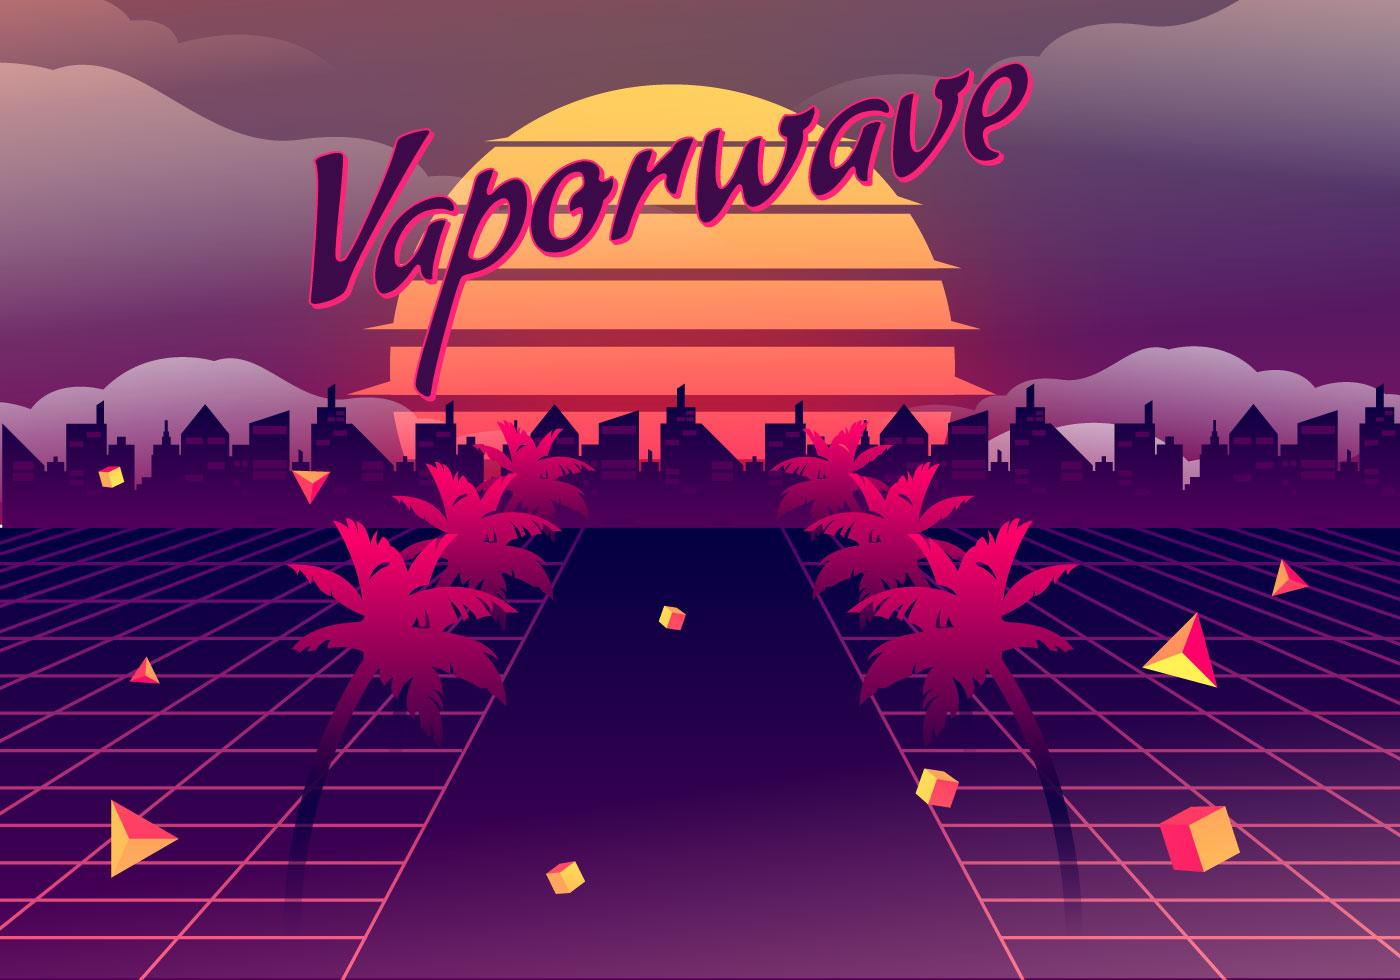 Vaporwave Vector Background Illustration Download Free Vectors